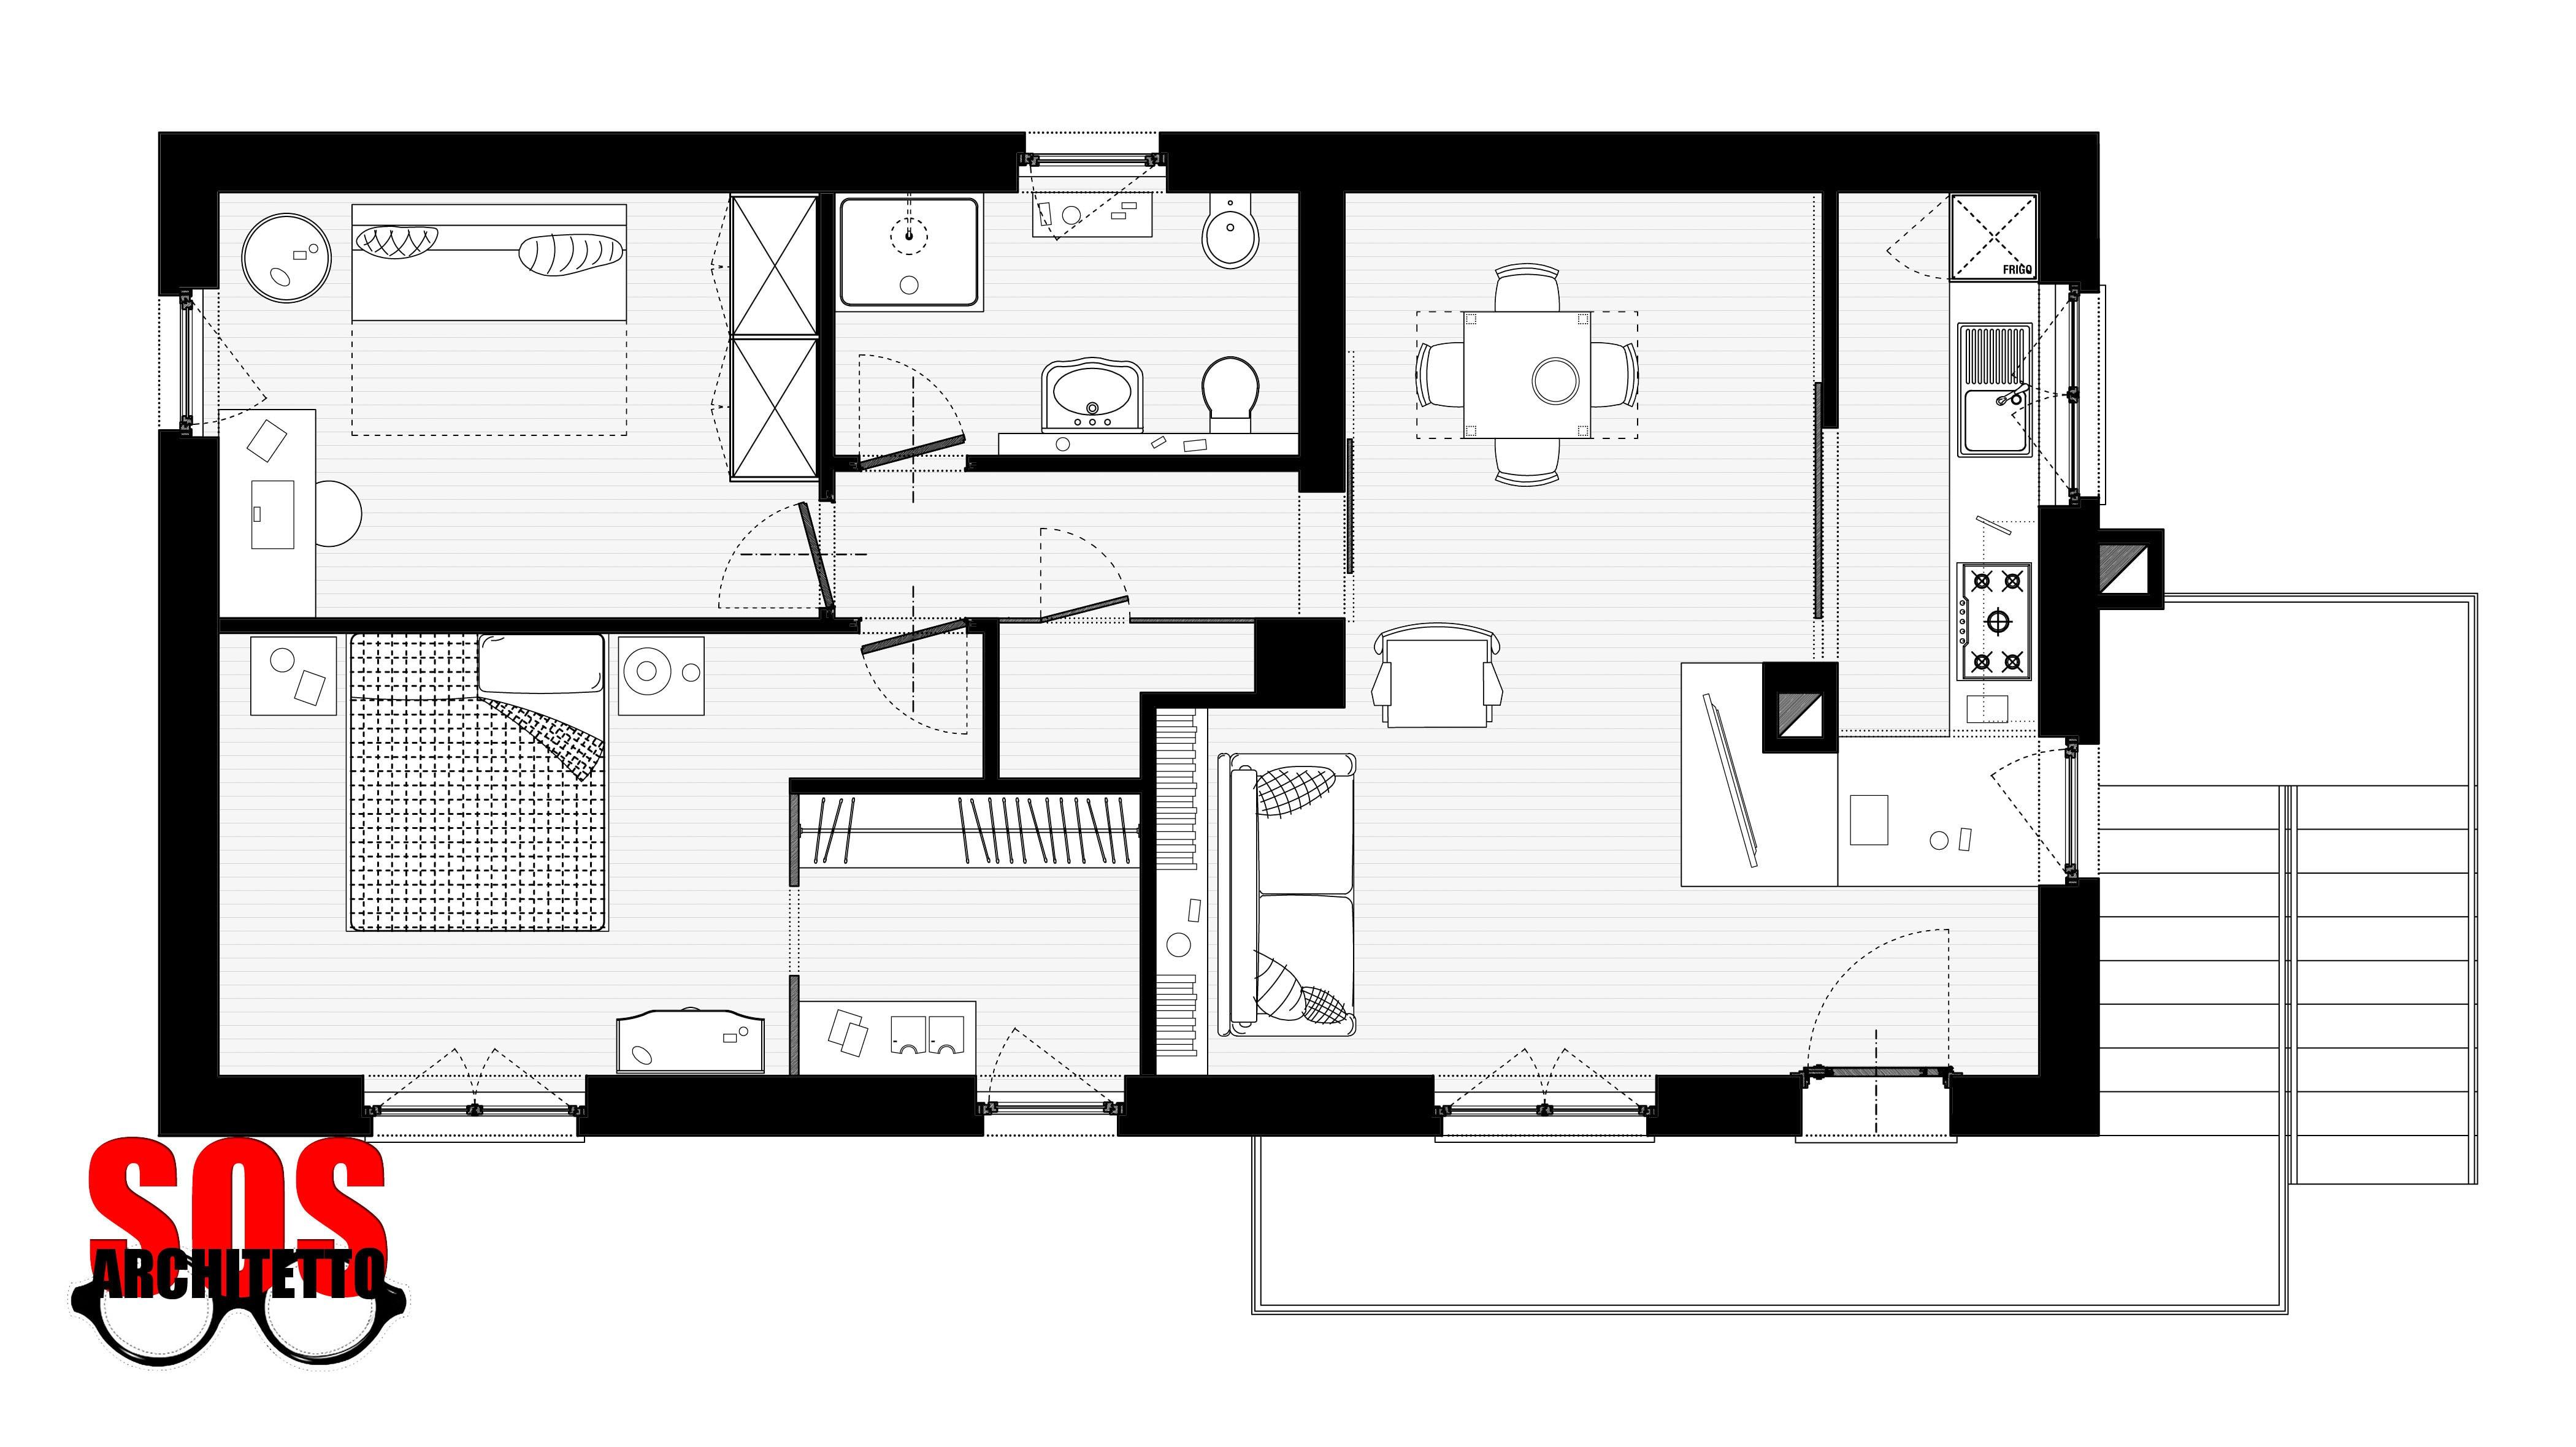 casa progetto 009 sos architetto online sos architetto